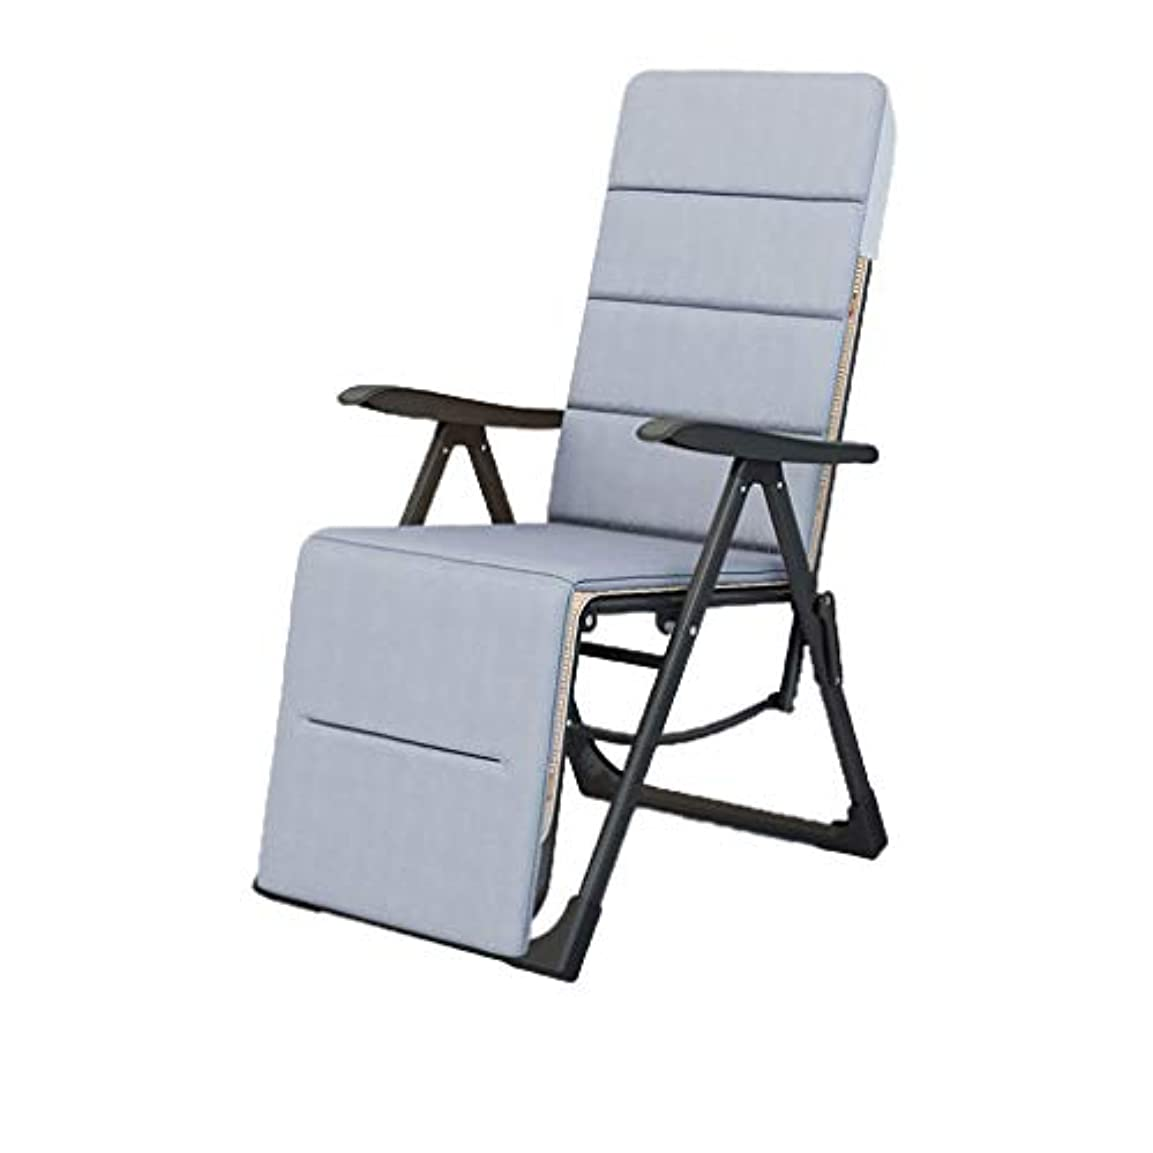 医師重荷大学院リクライニングガーデンサンラウンジャー怠惰な椅子ンゼロ重力りたたみラウンジ家族バルコニー中庭ビーチデッキ (色 : Luxury)